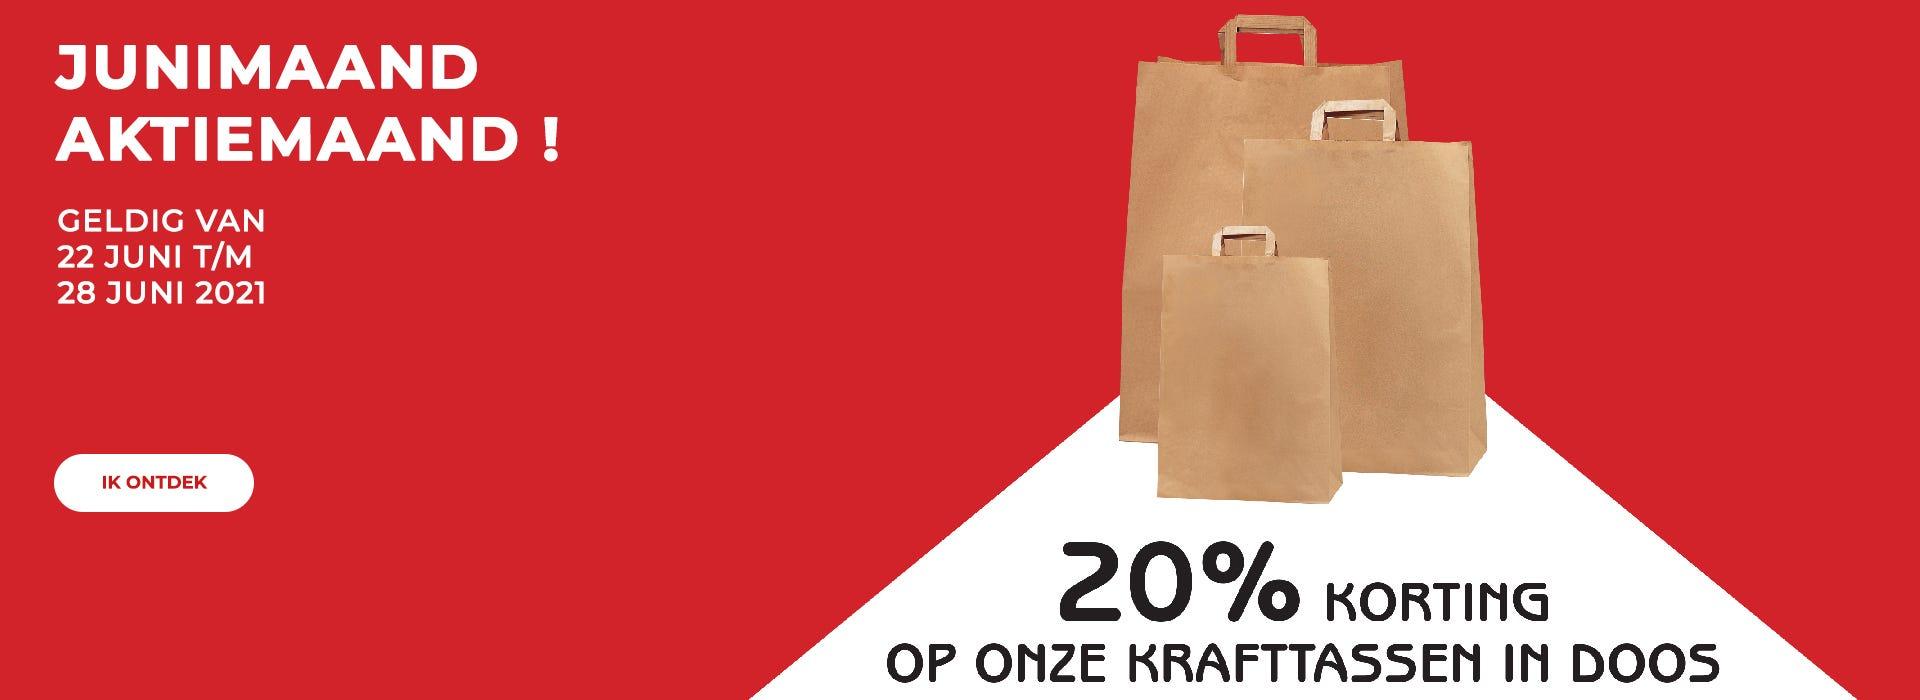 Junimaand actie maand ! 20% korting op onze krafttassen in dozen